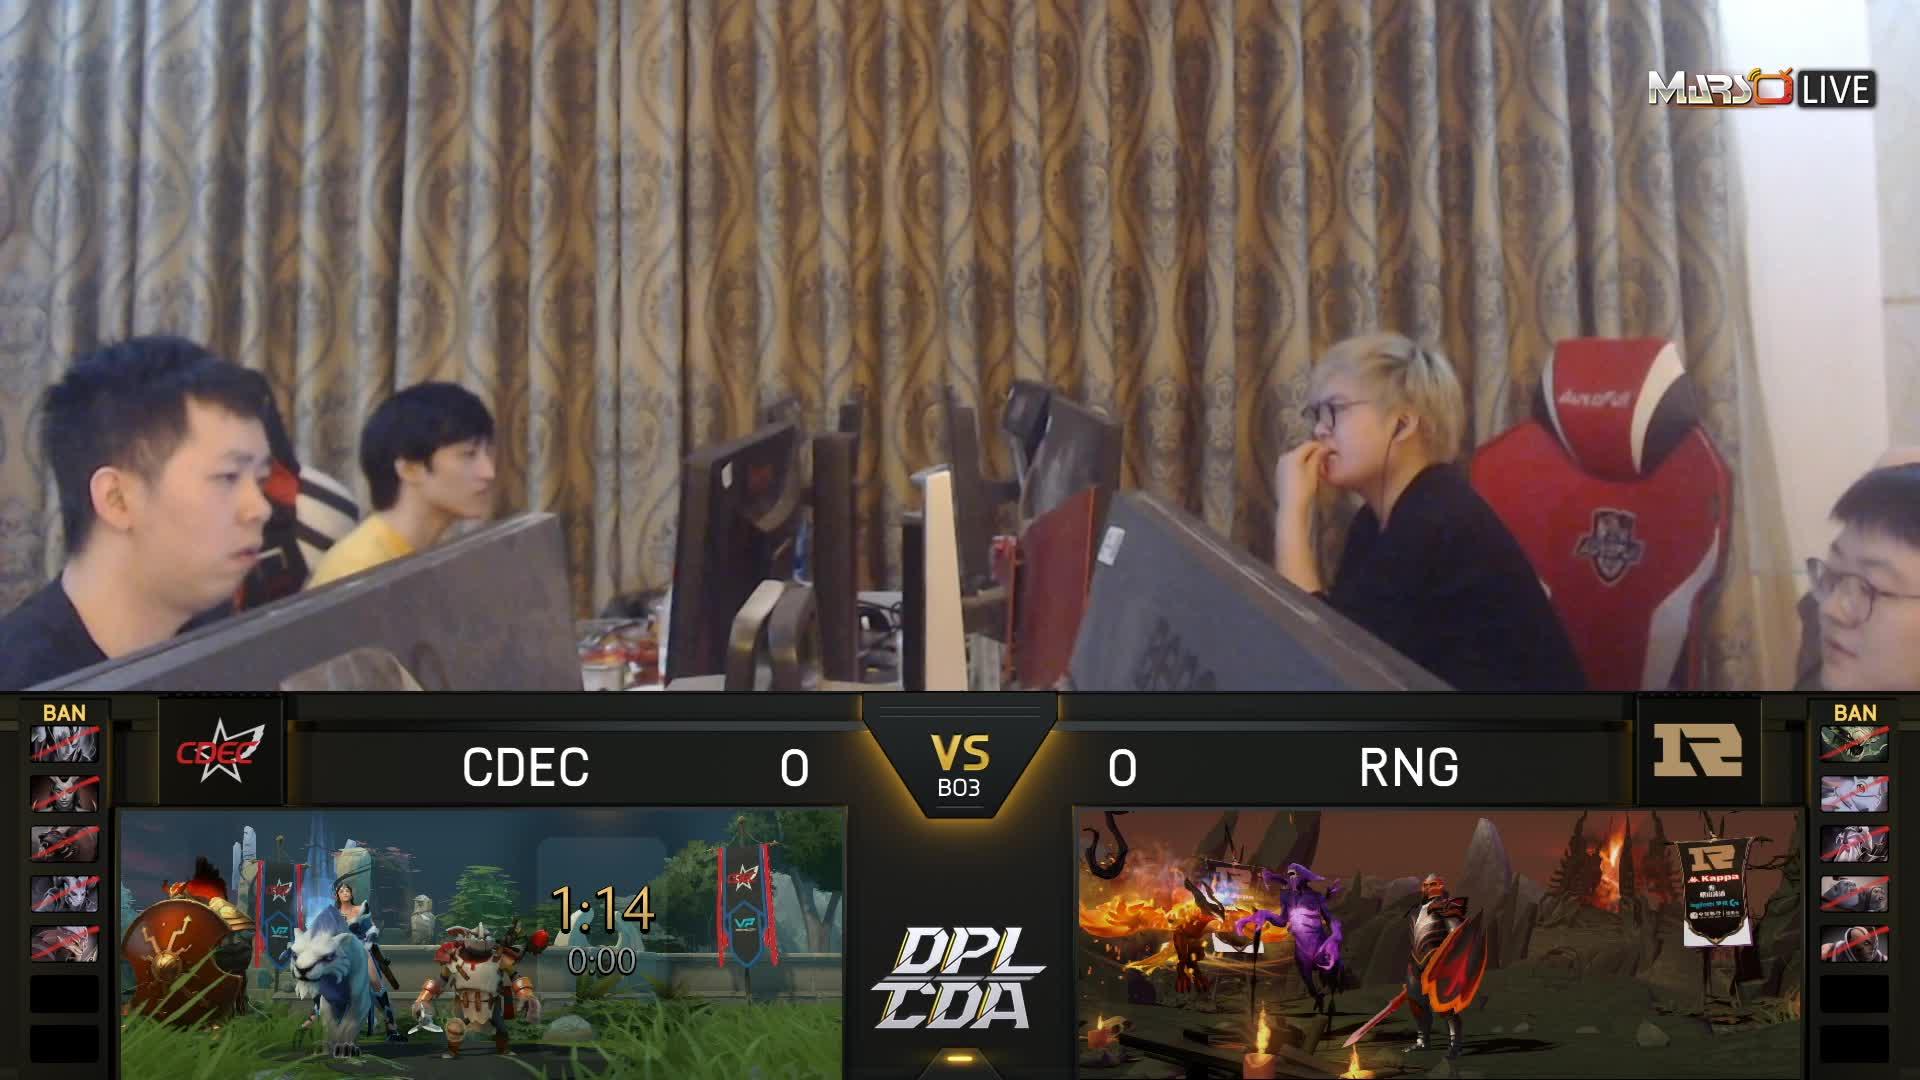 常规赛 RNG vs CDEC - 1